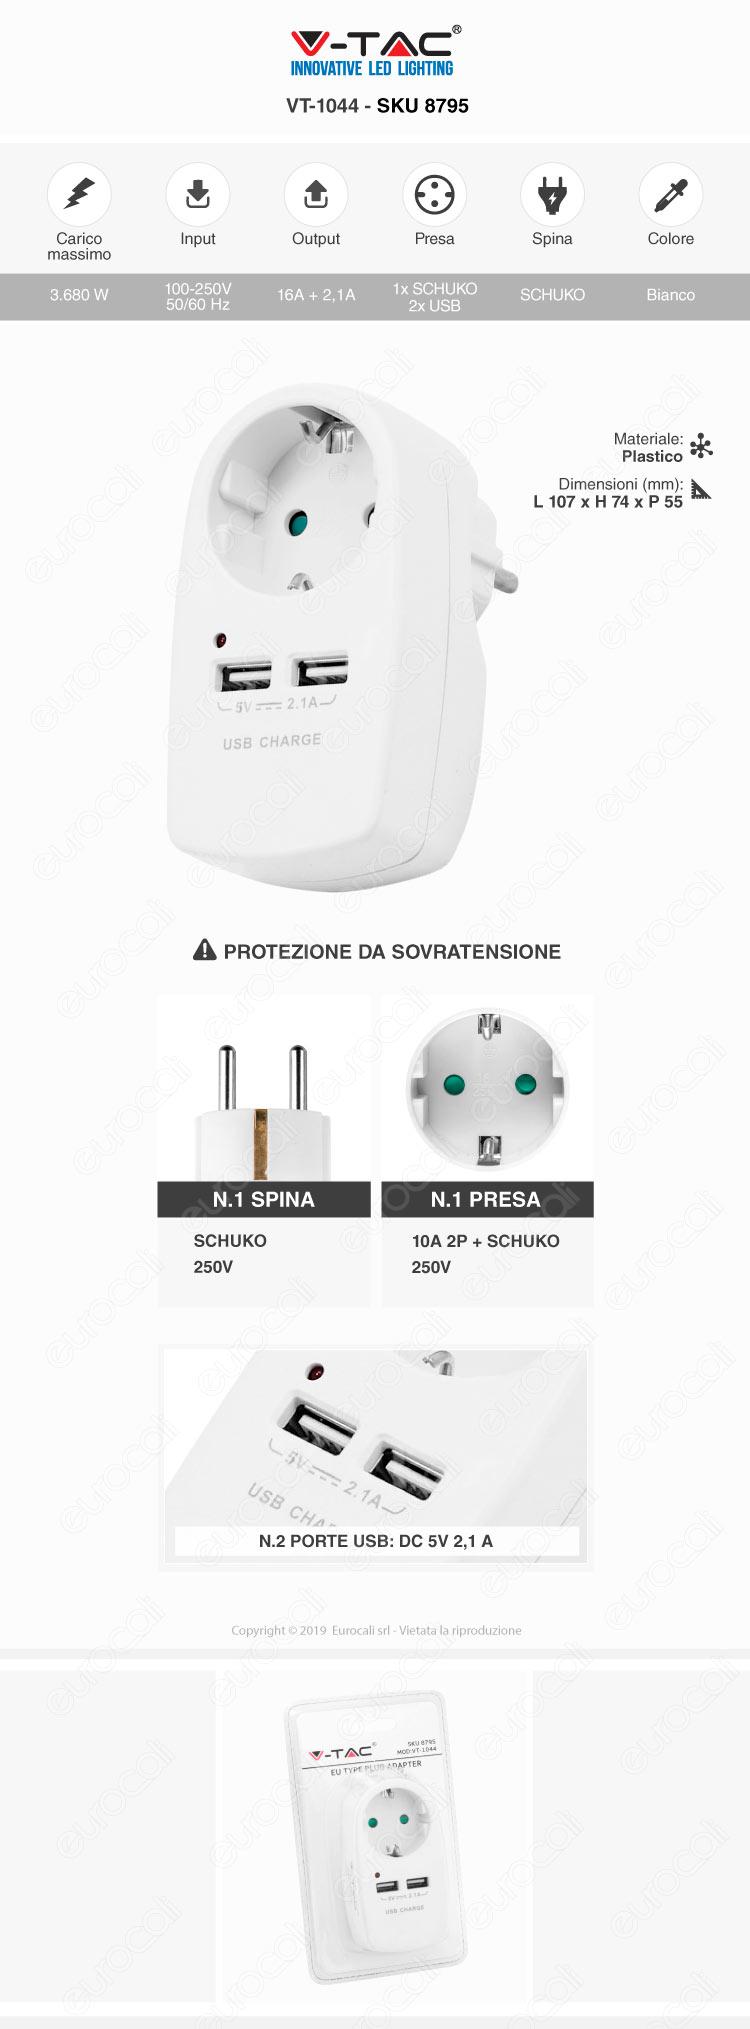 V-Tac VT-1044 Adattatore con 2 Porte USB con Spina e Pesa Schuko Bianc